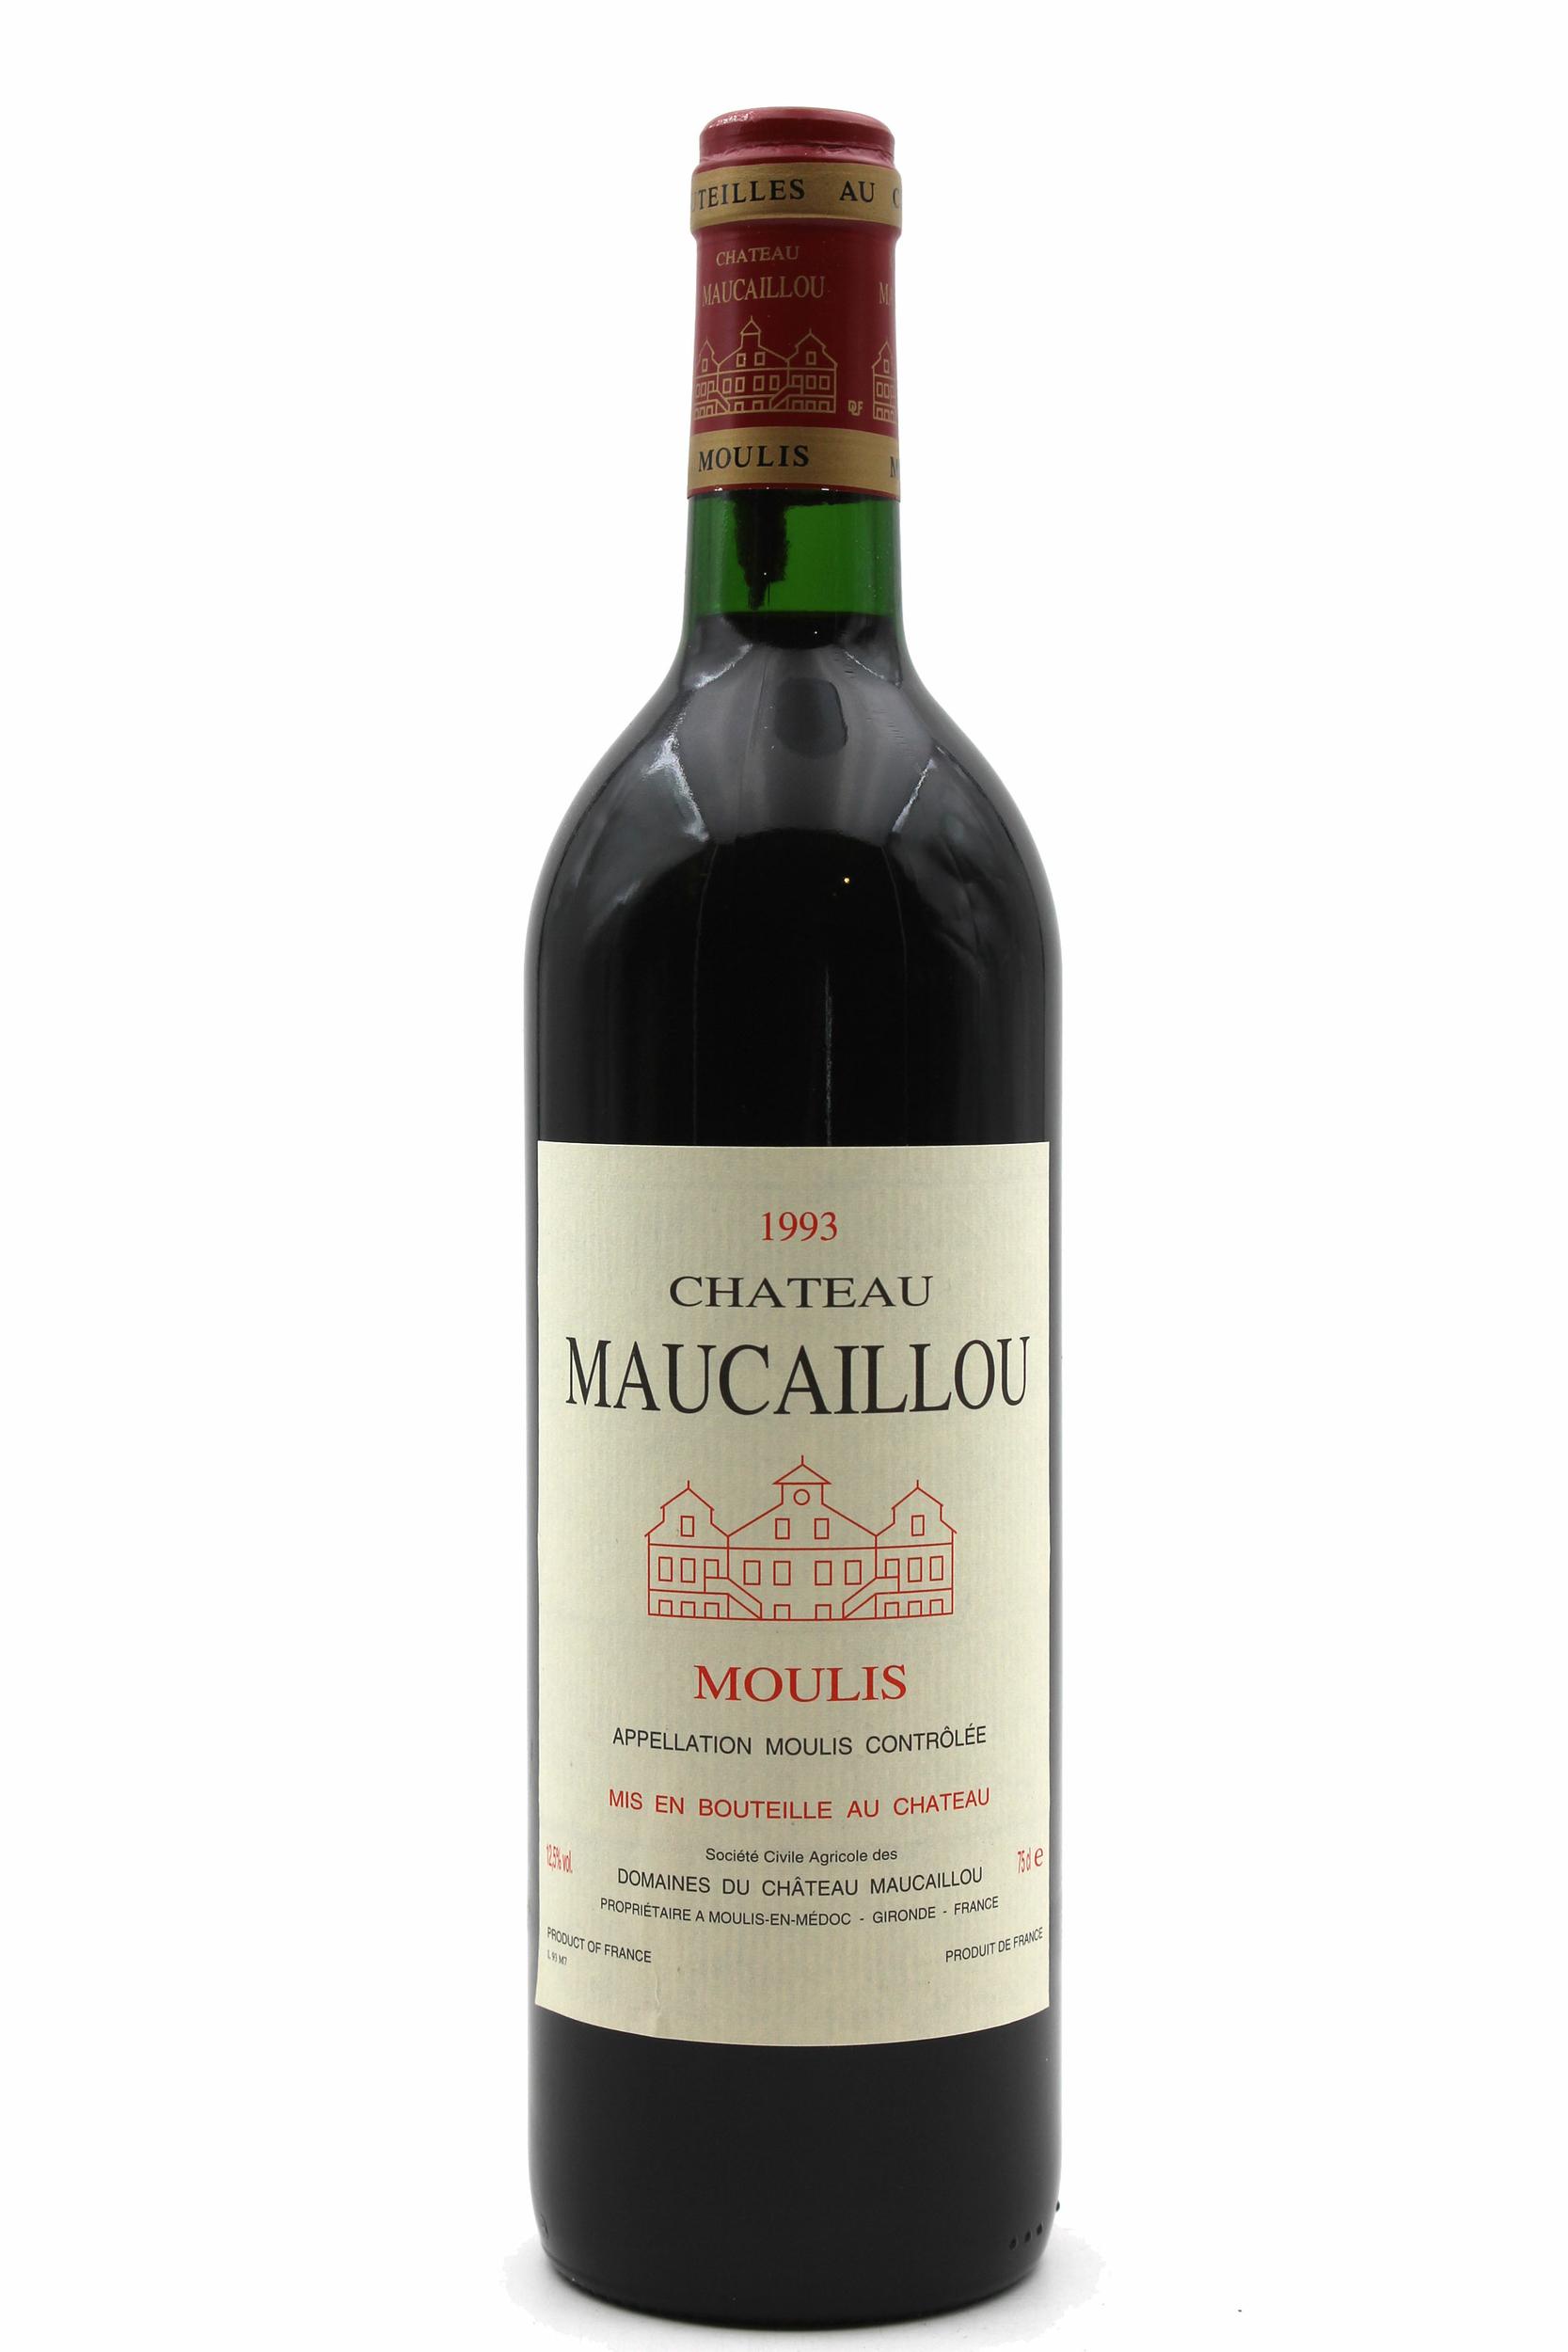 Château Maucaillou 1993 Rouge 75cl AOC Moulis